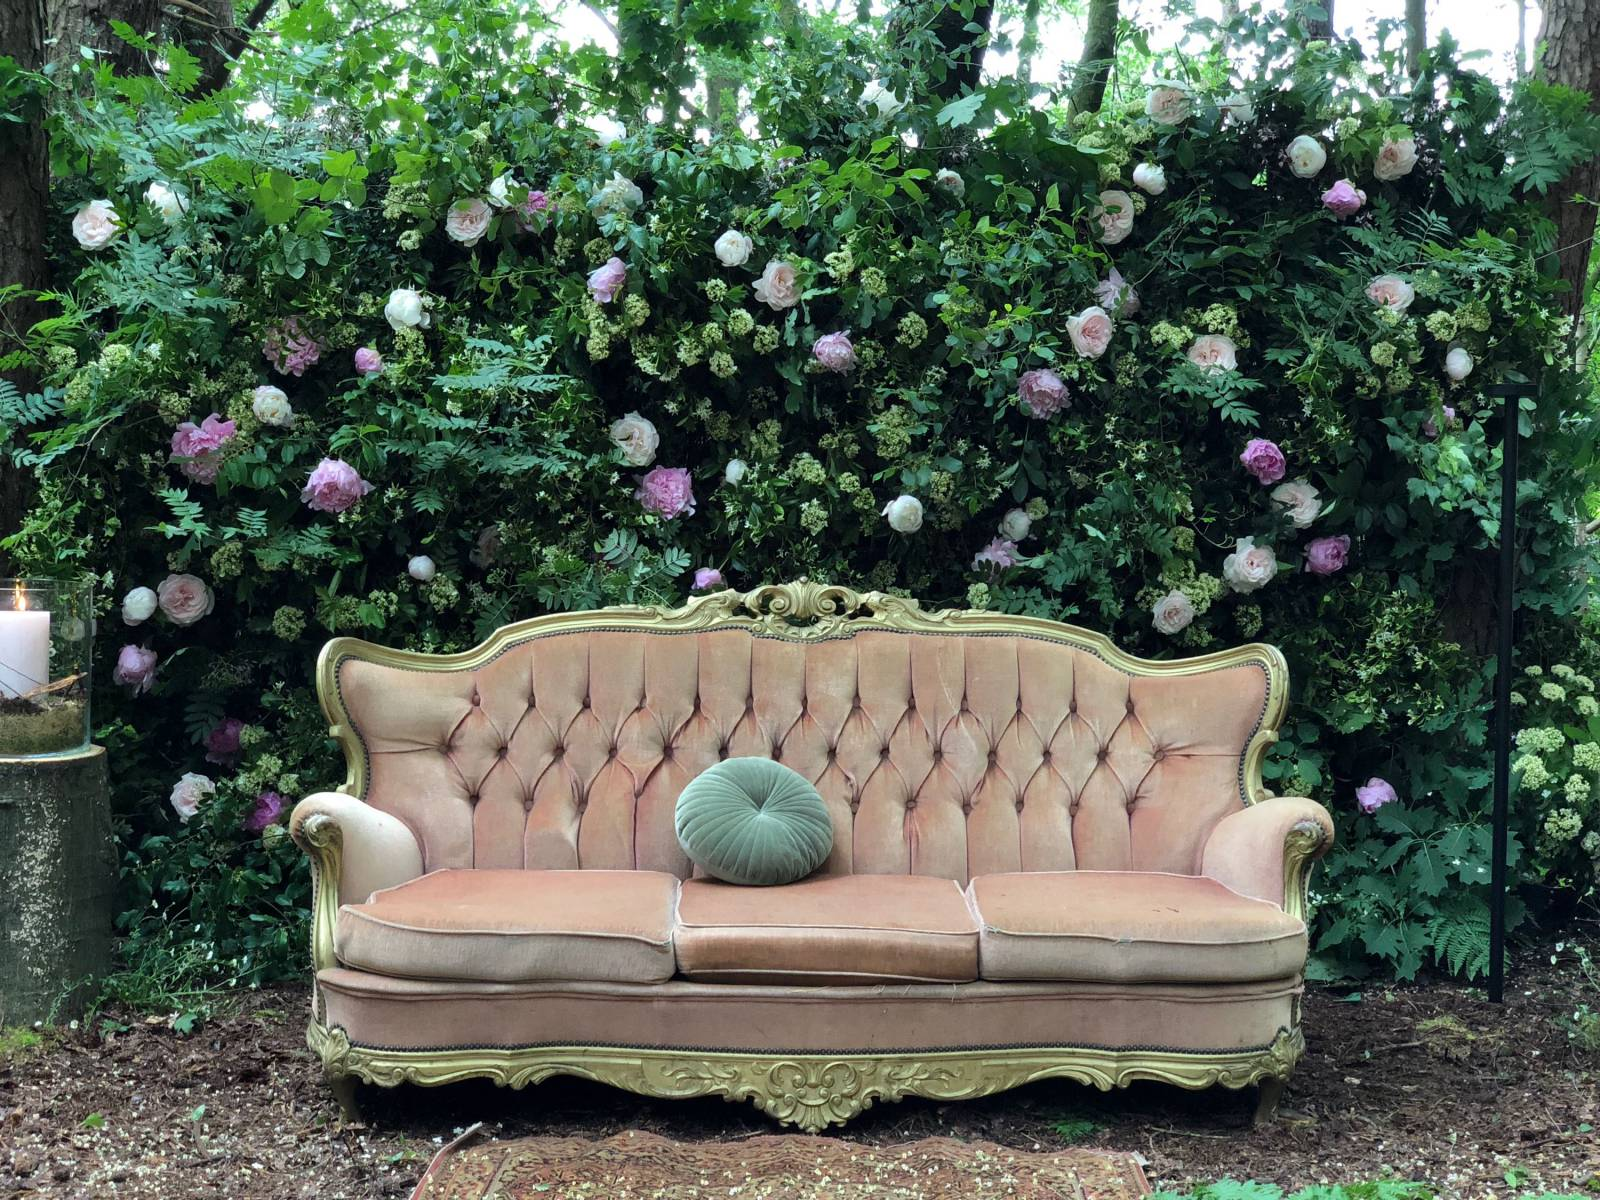 Paul Klunder - Bloemist - Bloemen Huwelijk - Huwelijksdecoratie met bloemen - Bruidsboeket - House of Weddings - 5